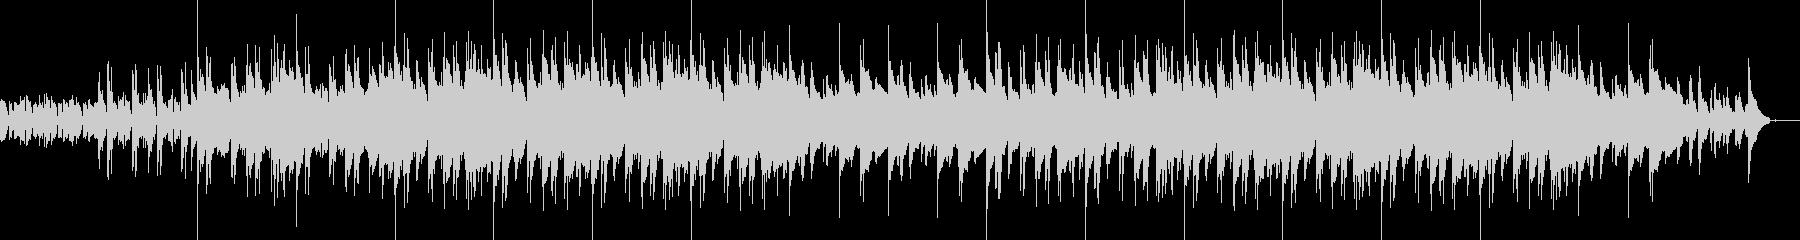 エレクトロとブルージーなピアノBGMの未再生の波形